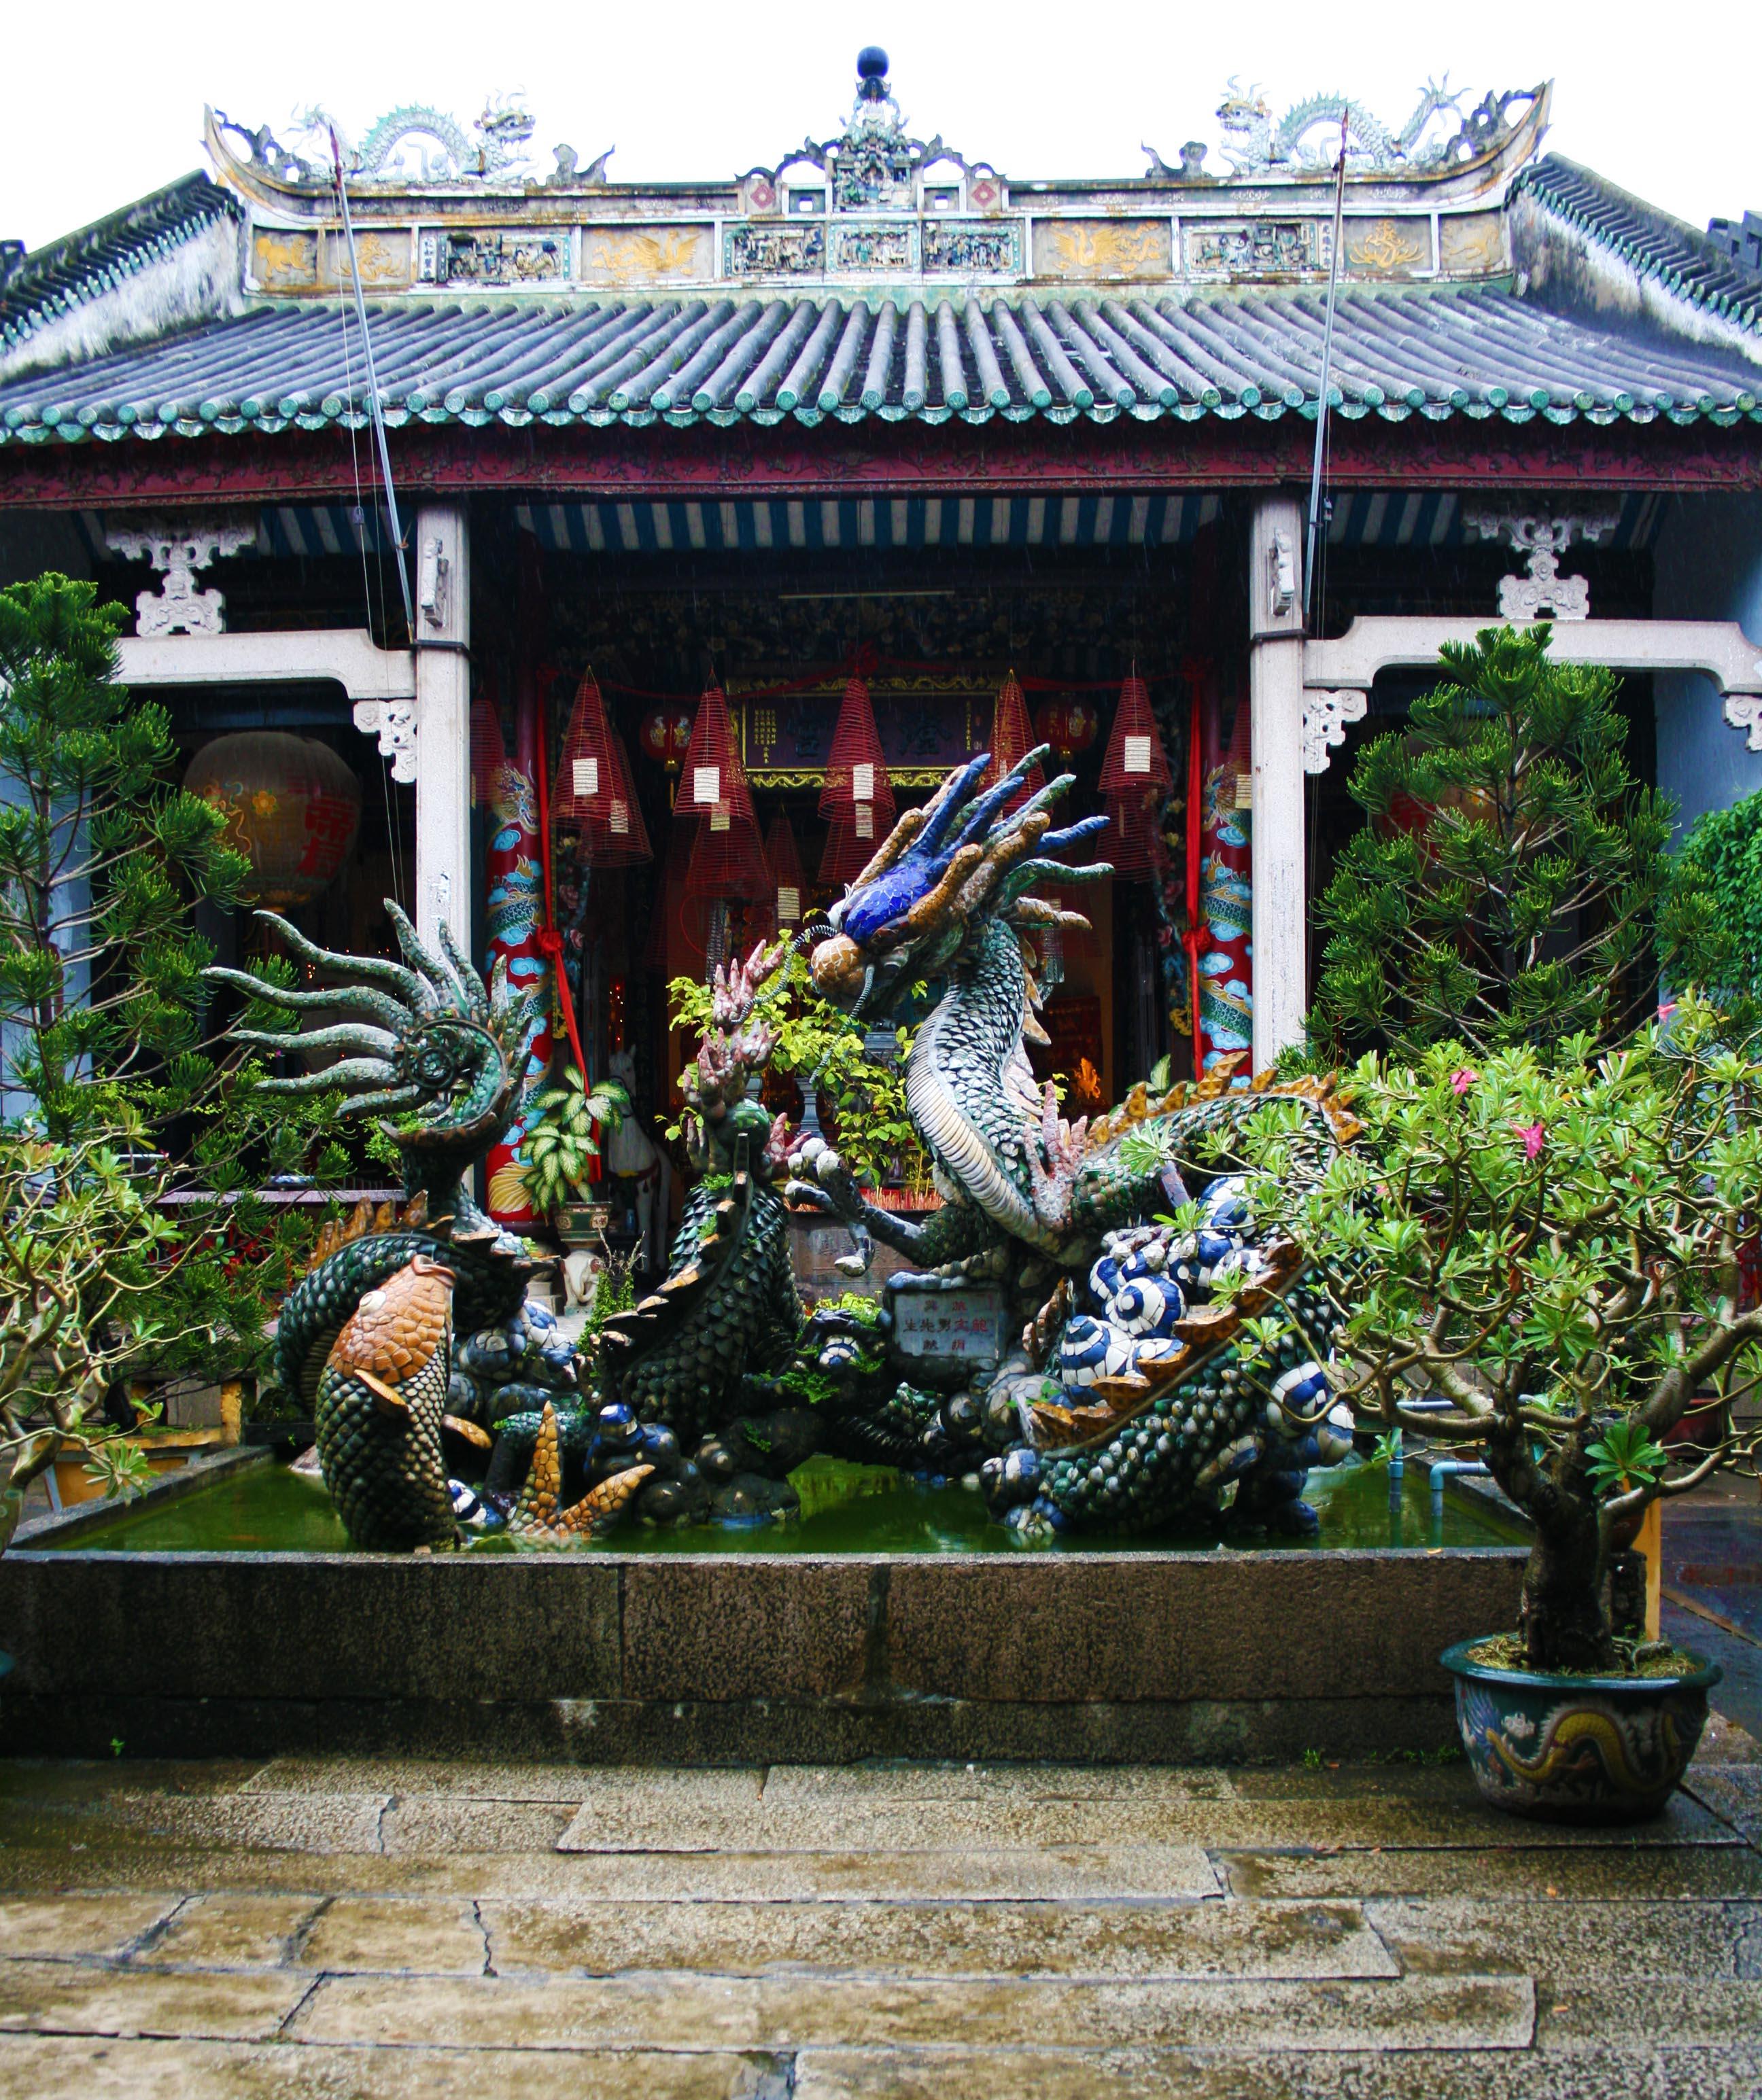 Dragon sculture at Hoi Quan Quang Trieu temple